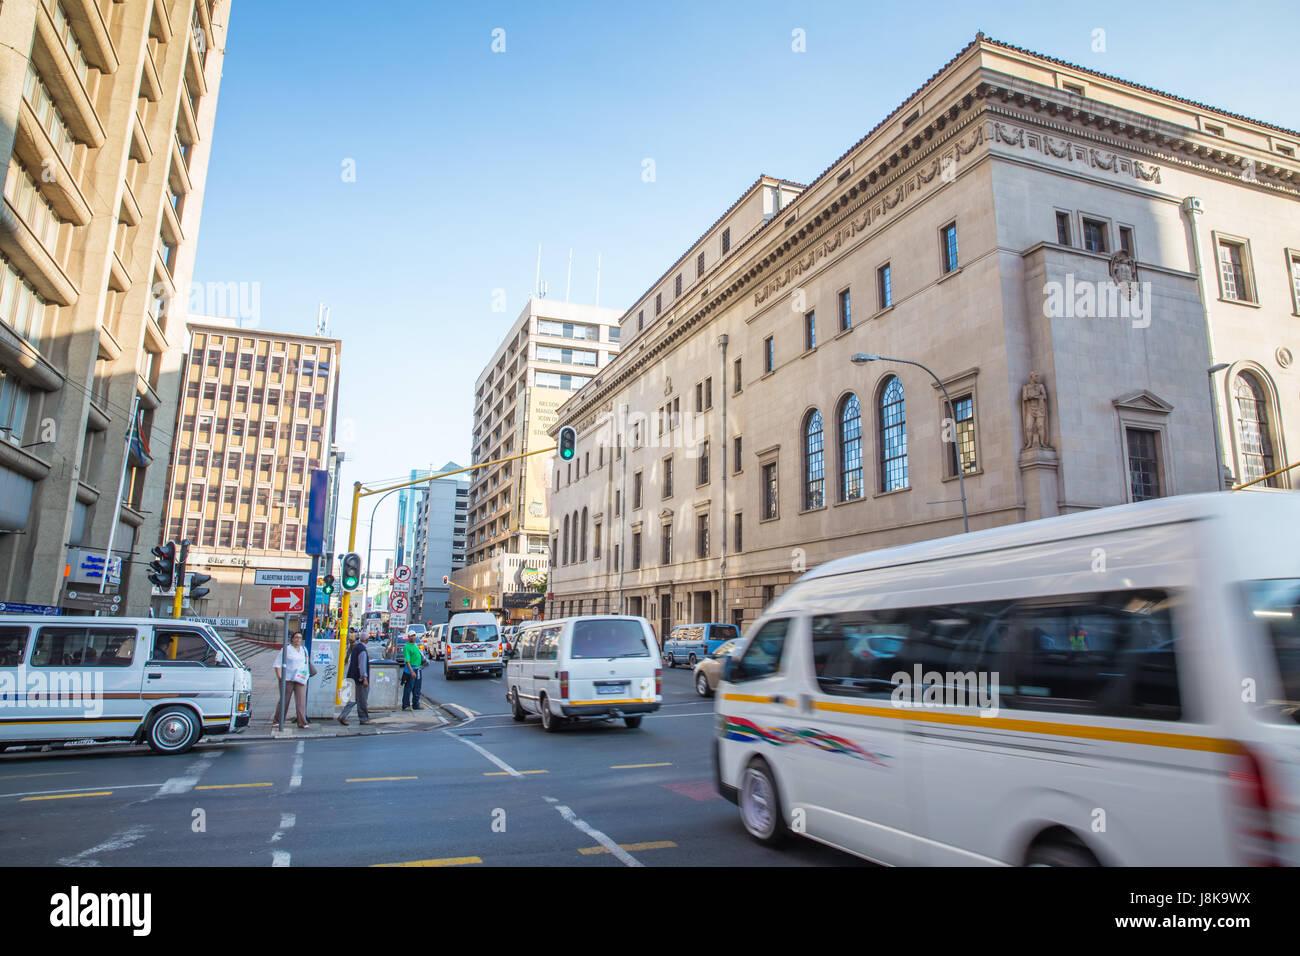 Johannesburg, Sud Africa - 13 Gennaio 2015: mattina a piedi per le strade di Johannesburg Immagini Stock